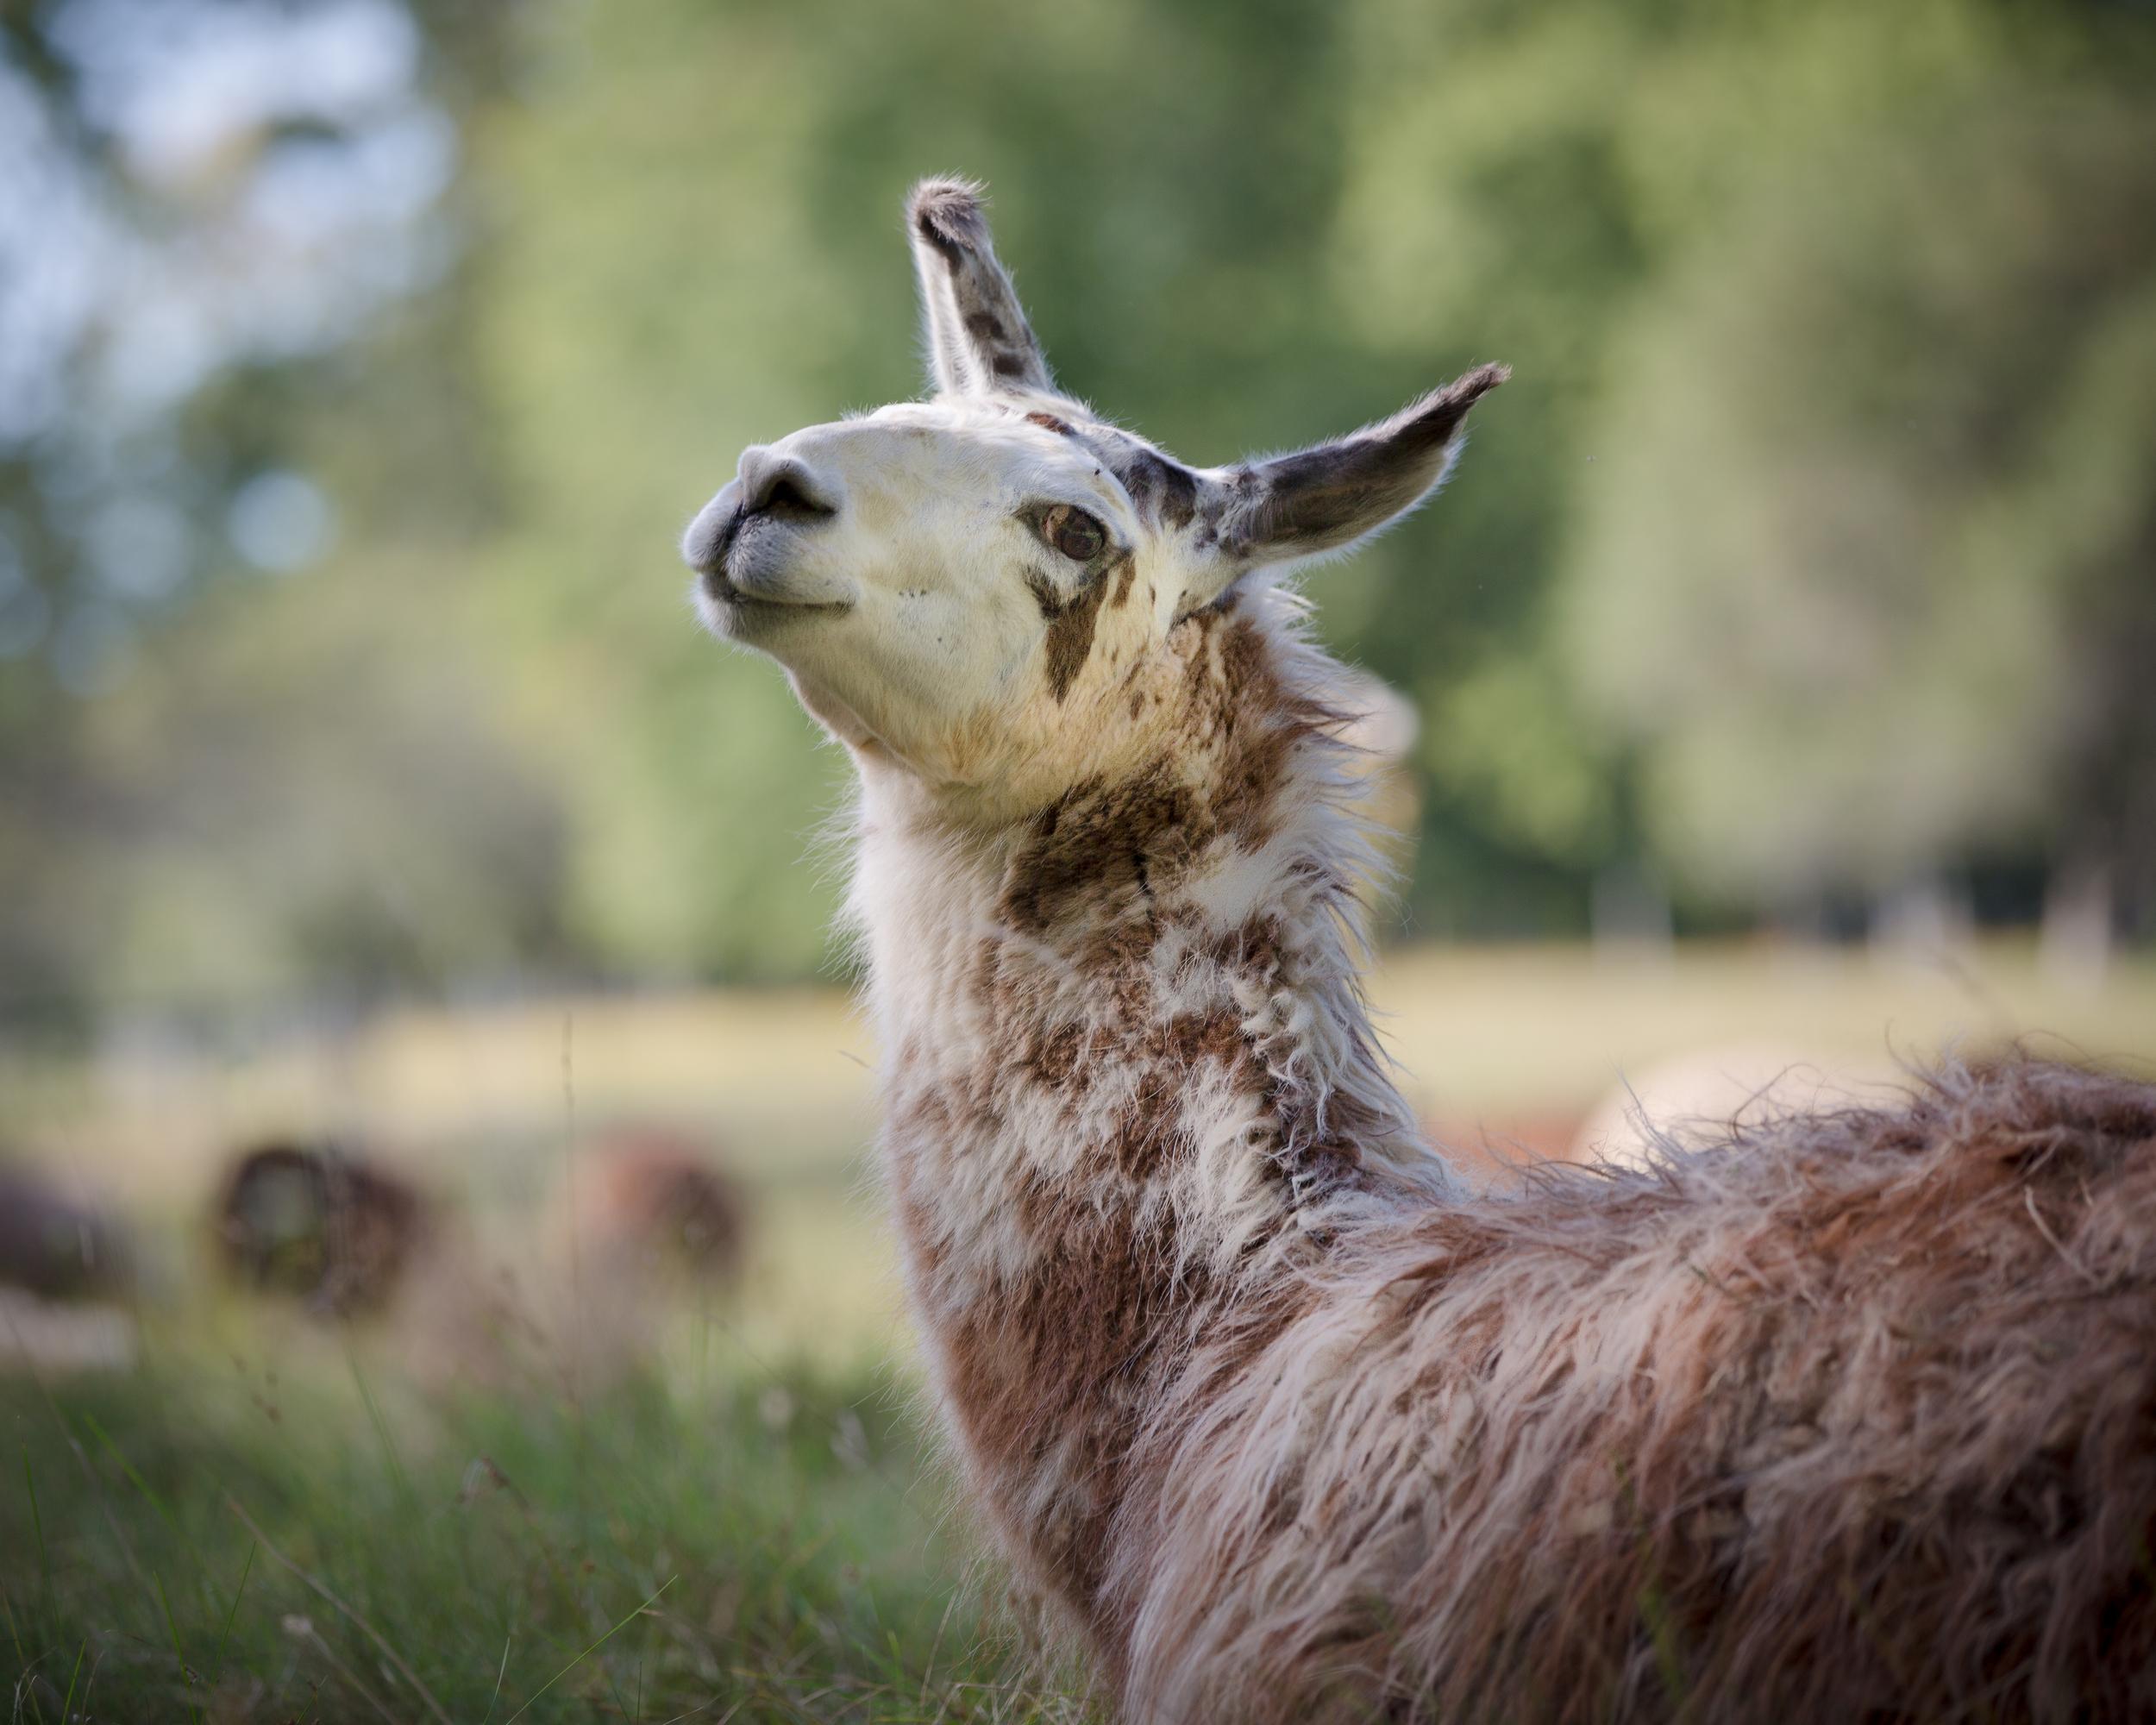 Henry the Llama photo: © Miranda Loud 2014